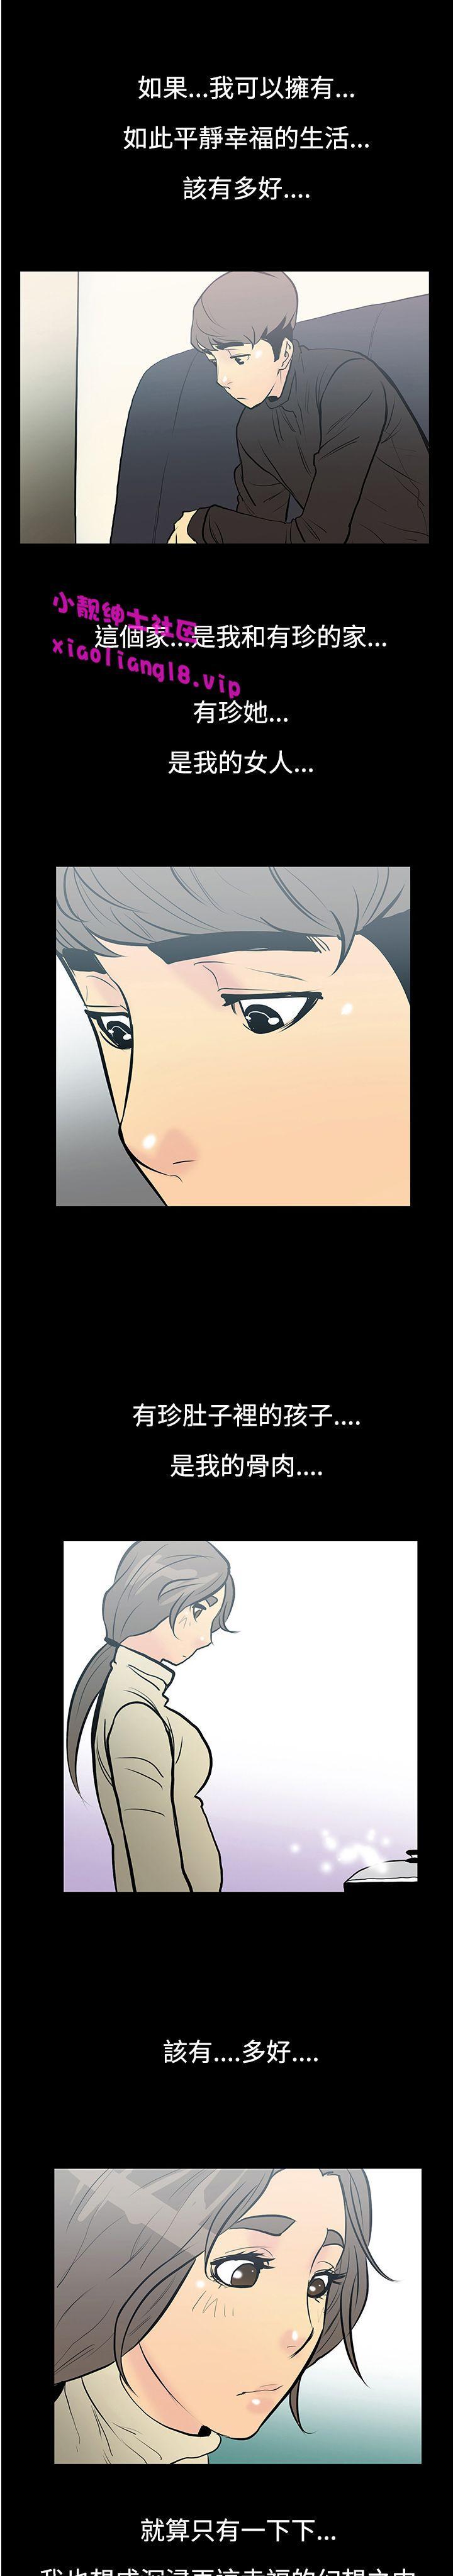 中文韩漫 無法停止的甜蜜關係 Ch.0-12 85